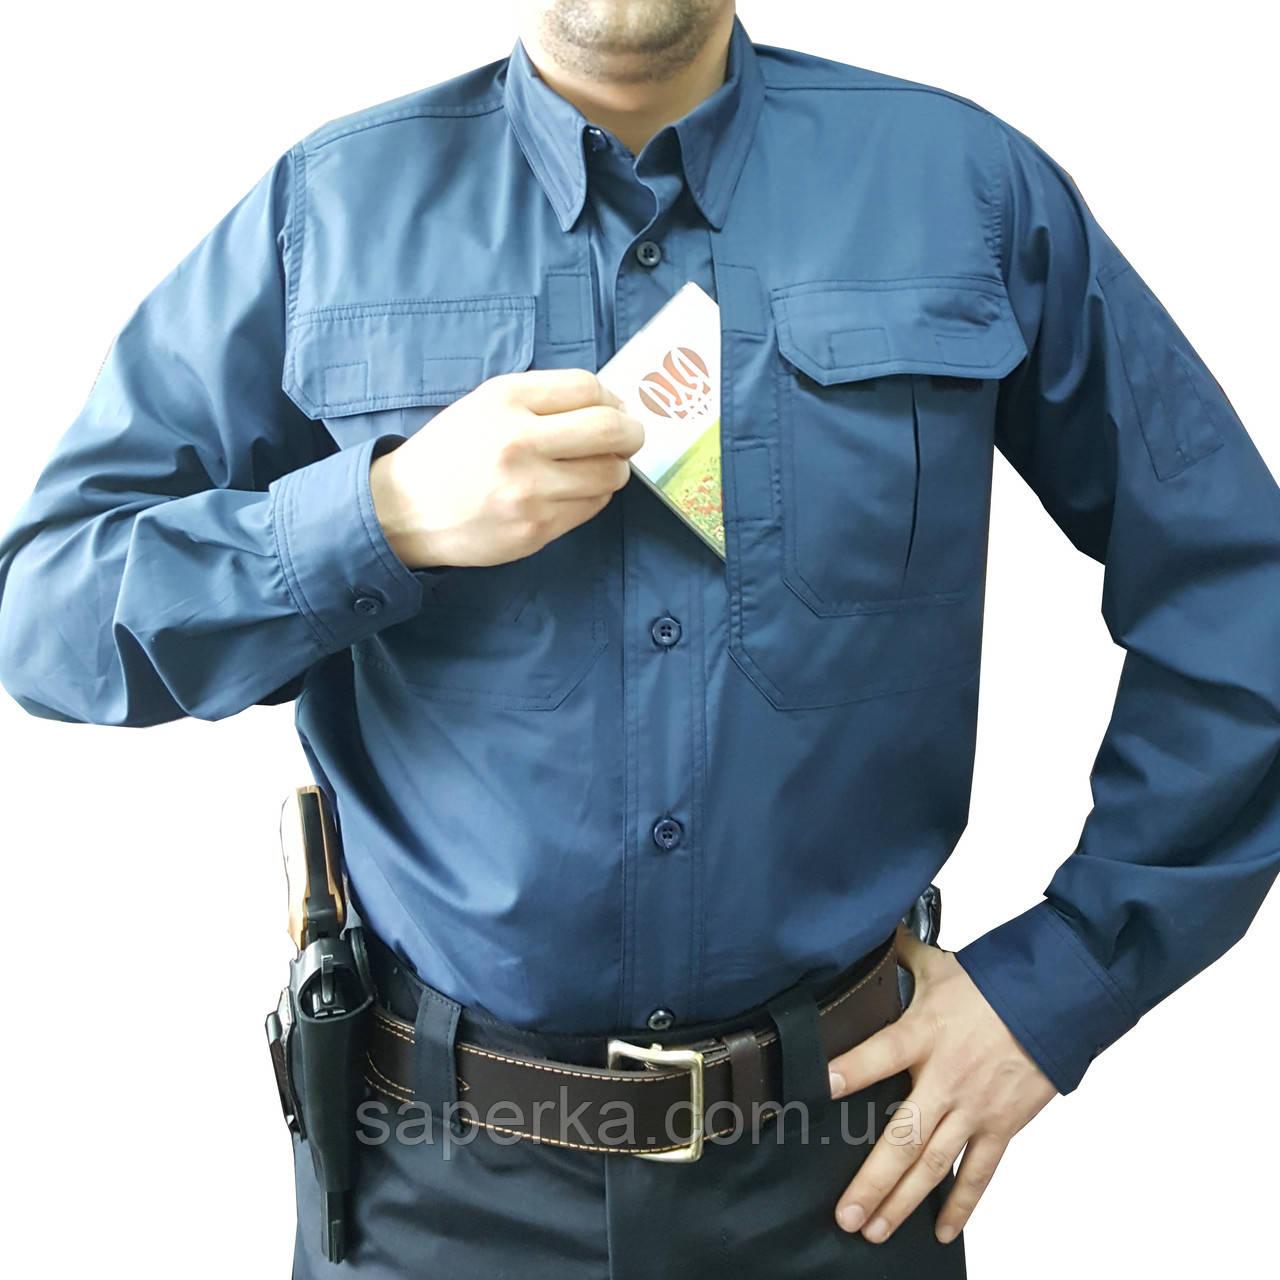 Рубашка милитари мужская Police - Военторг Сапёрка- оптово-розничный магазин армейской экипировки, одежды, обуви и товаров для туризма в Харькове